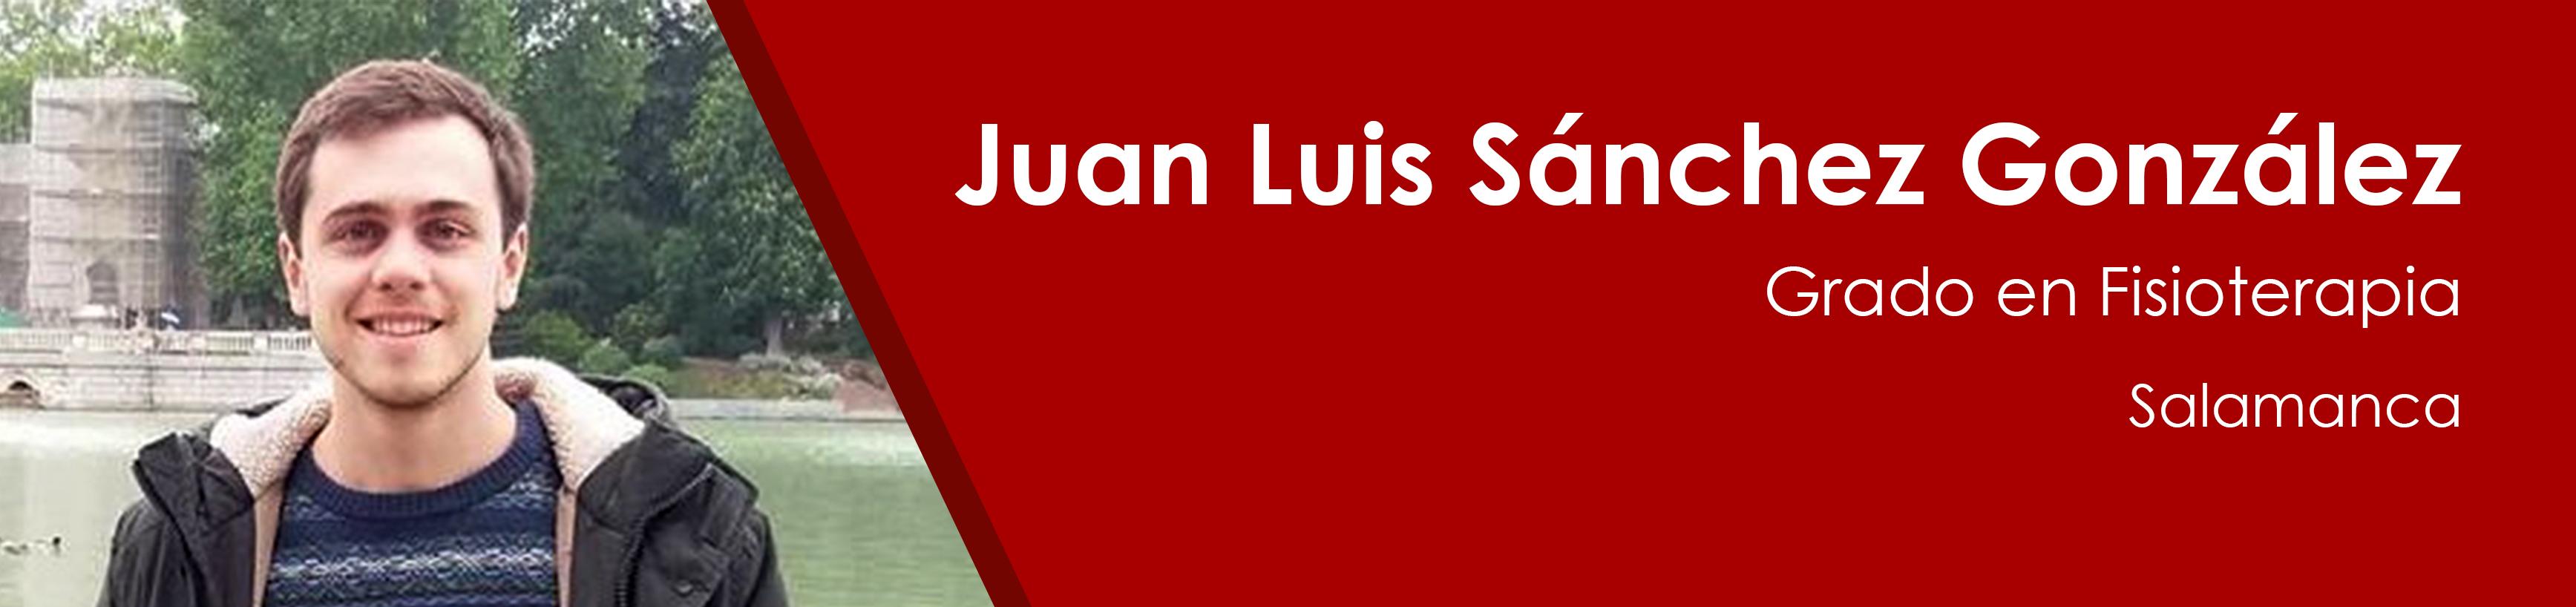 juan-luis-sanchez-destacada